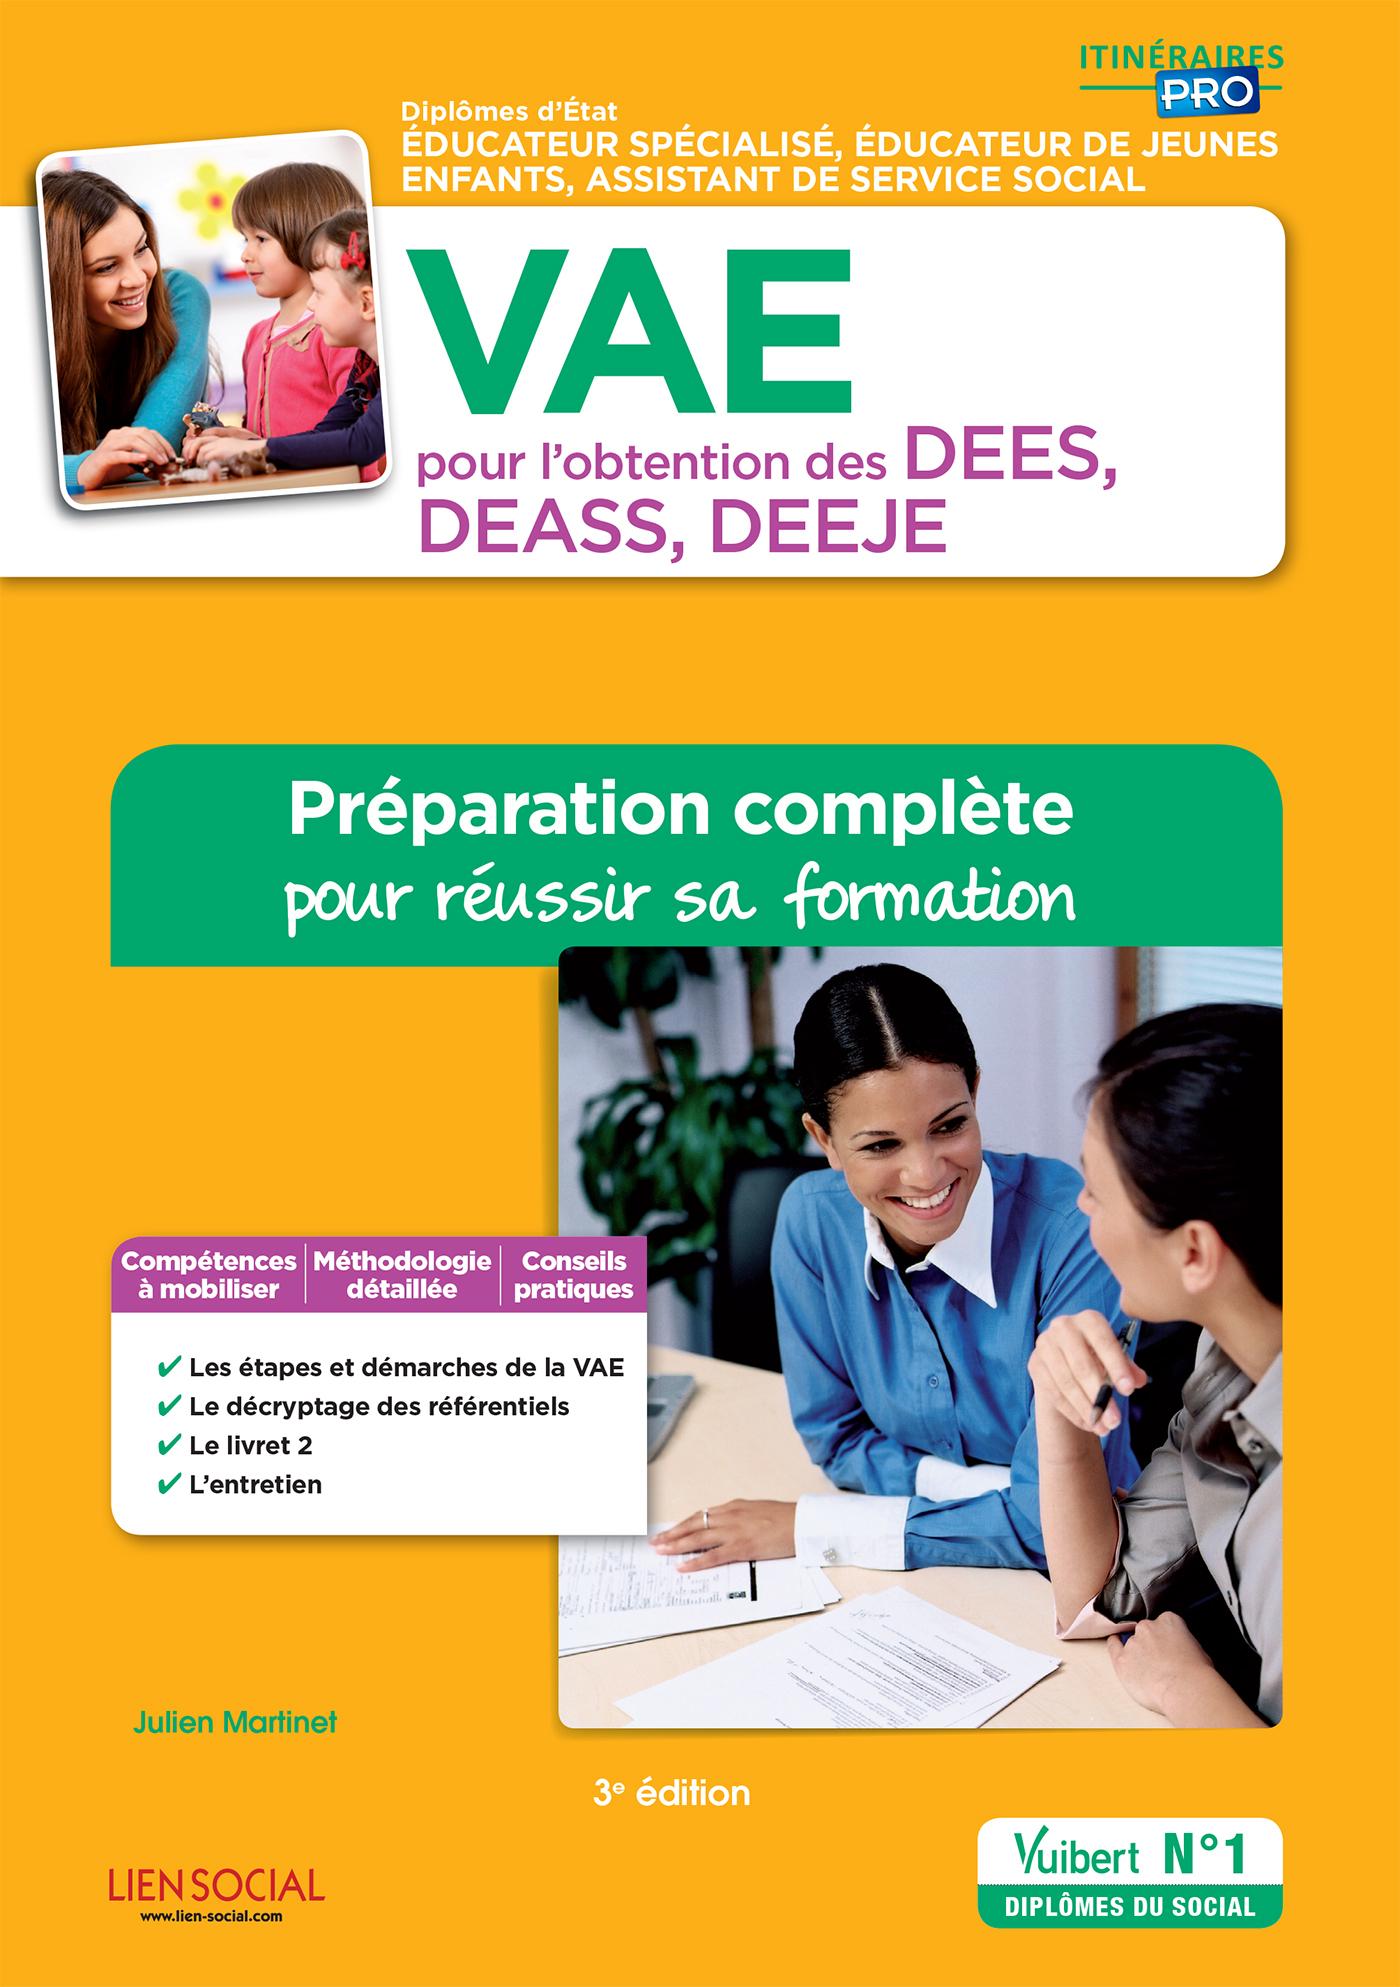 VAE POUR L'OBTENTION DES DEES DEASS DEEJE PREPARATION COMPLETE REUSSIR 3E EDT